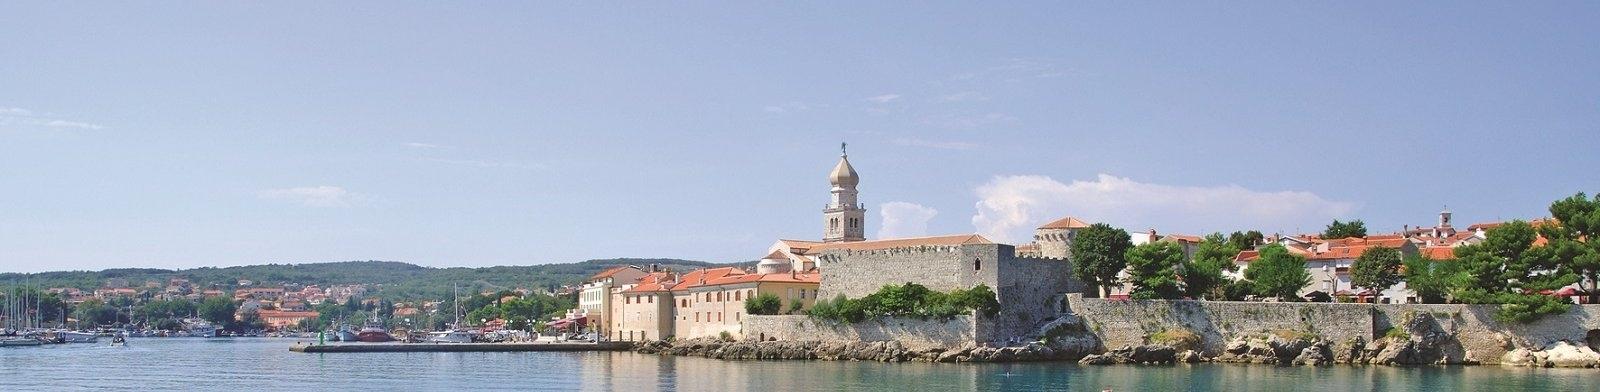 Krk Island holidays